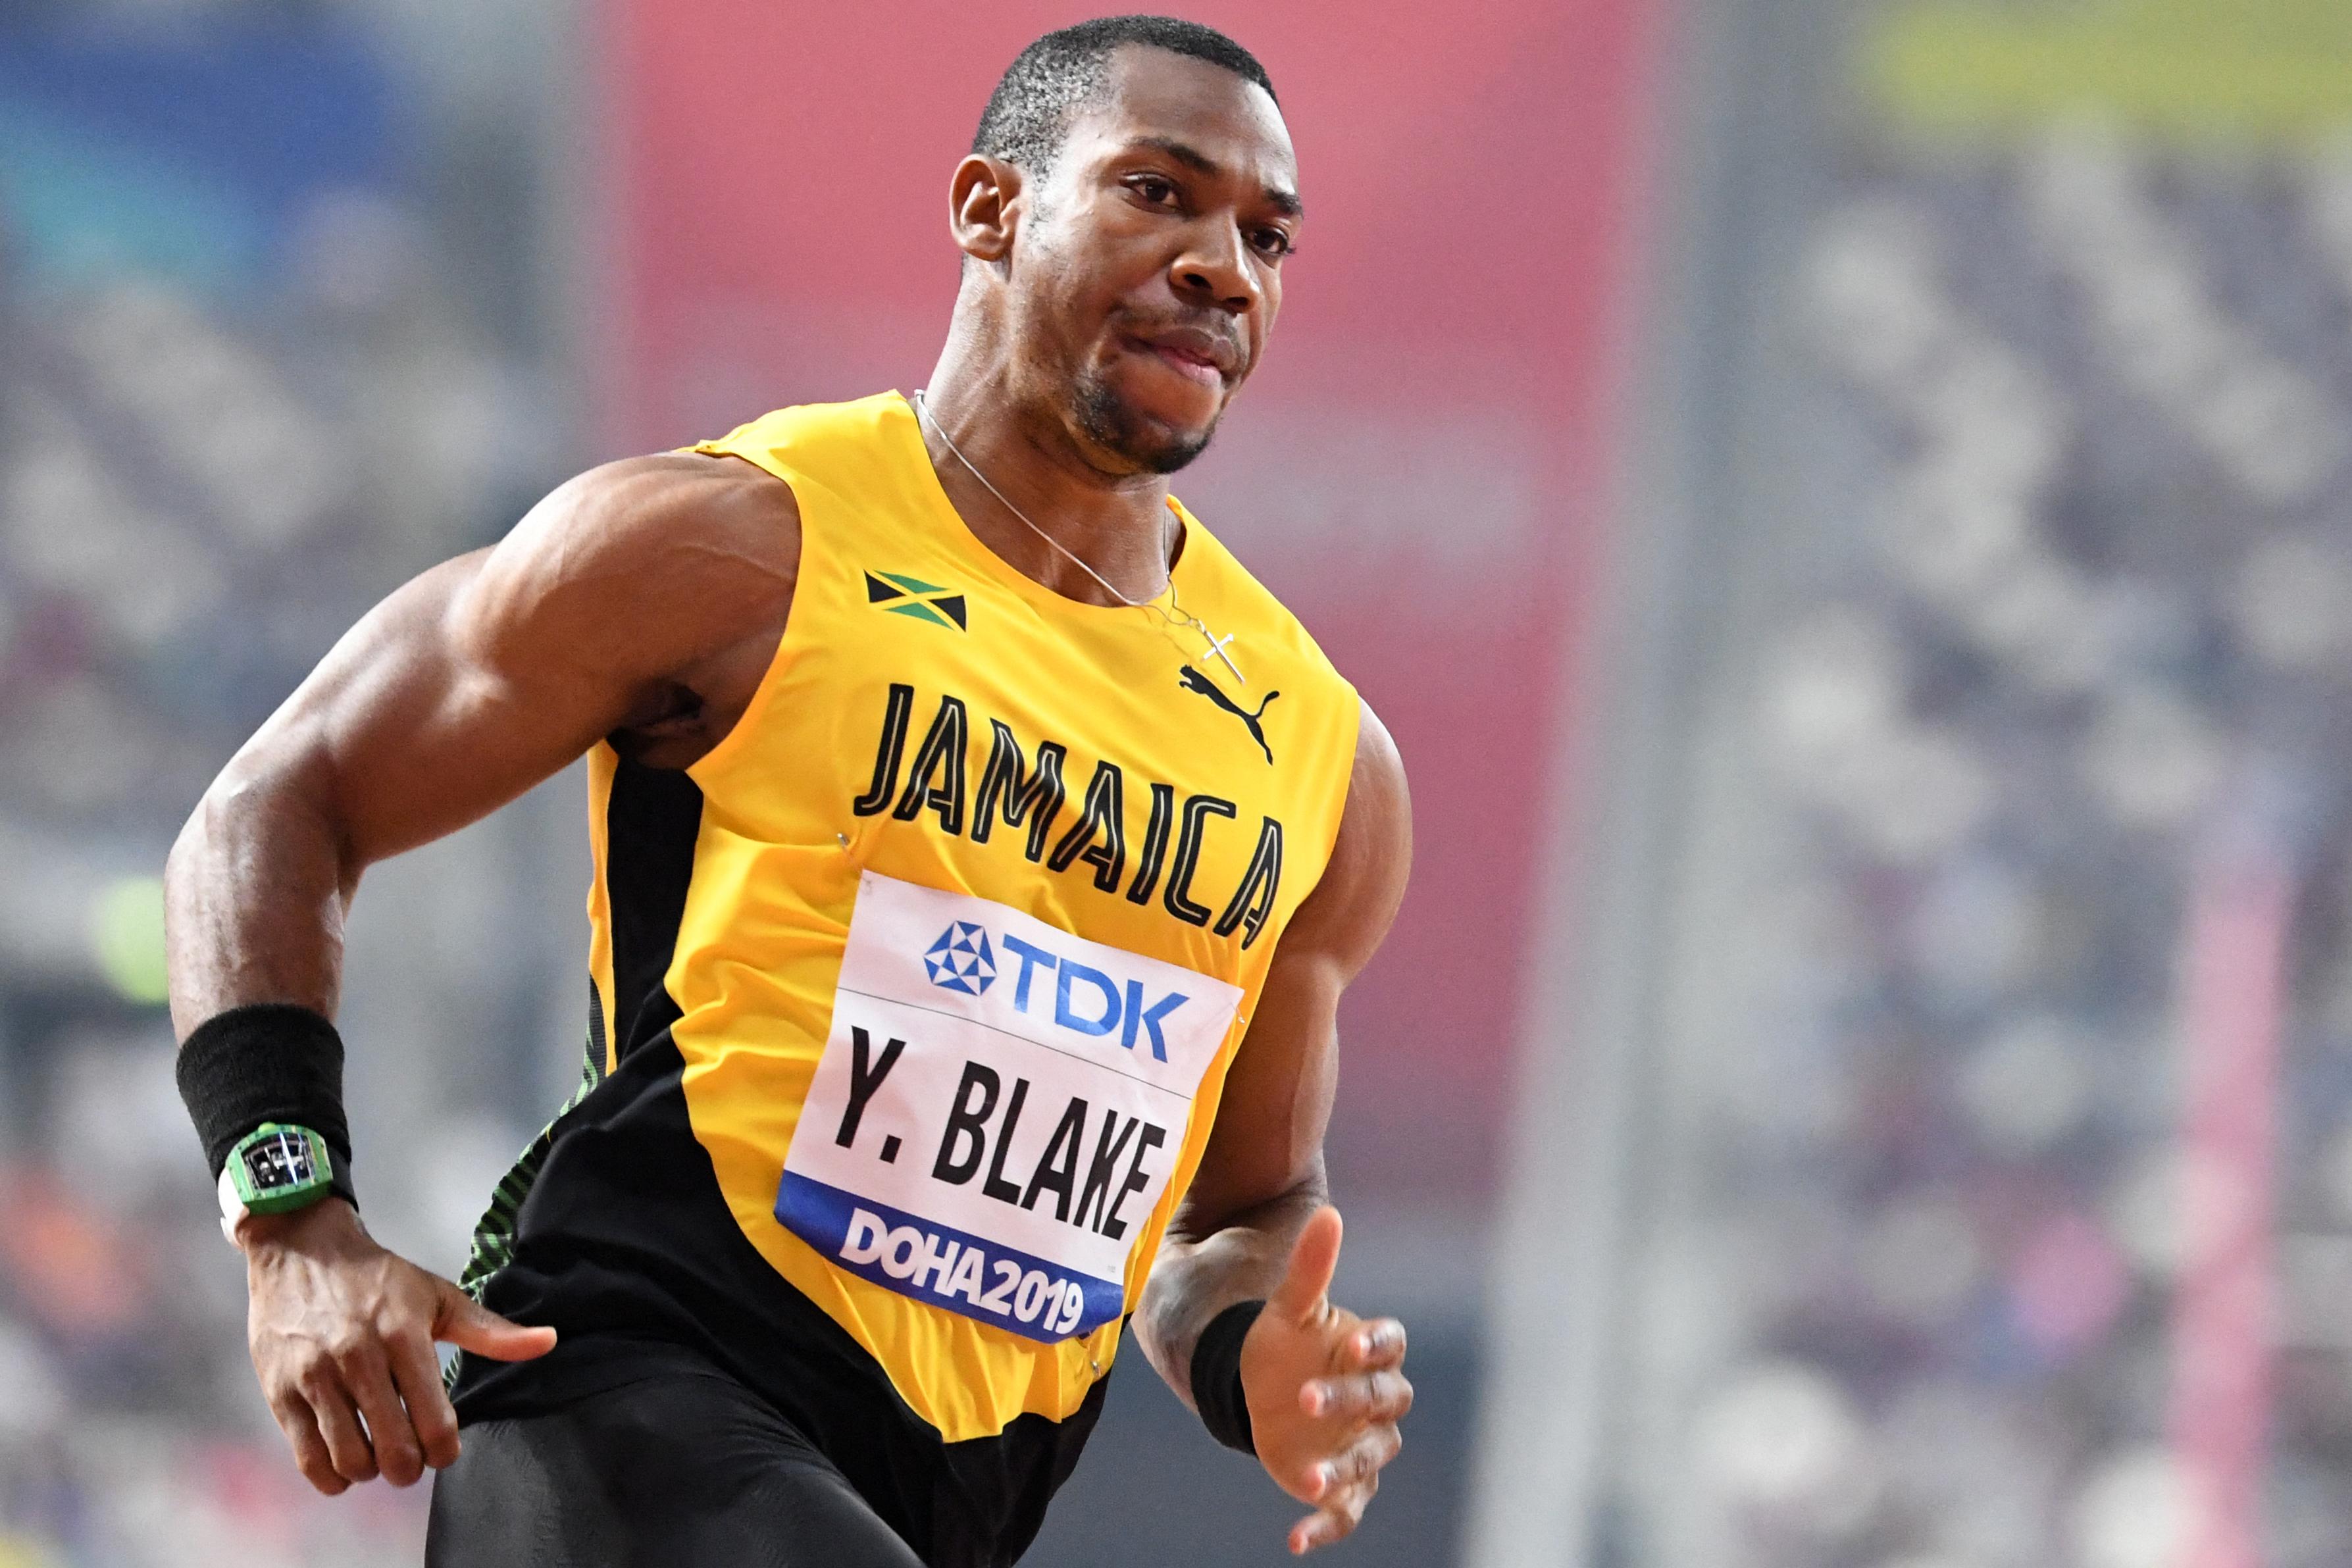 Yohan Blake inkább kihagyja az olimpiát, de oltást semmiképp nem adatna be magának